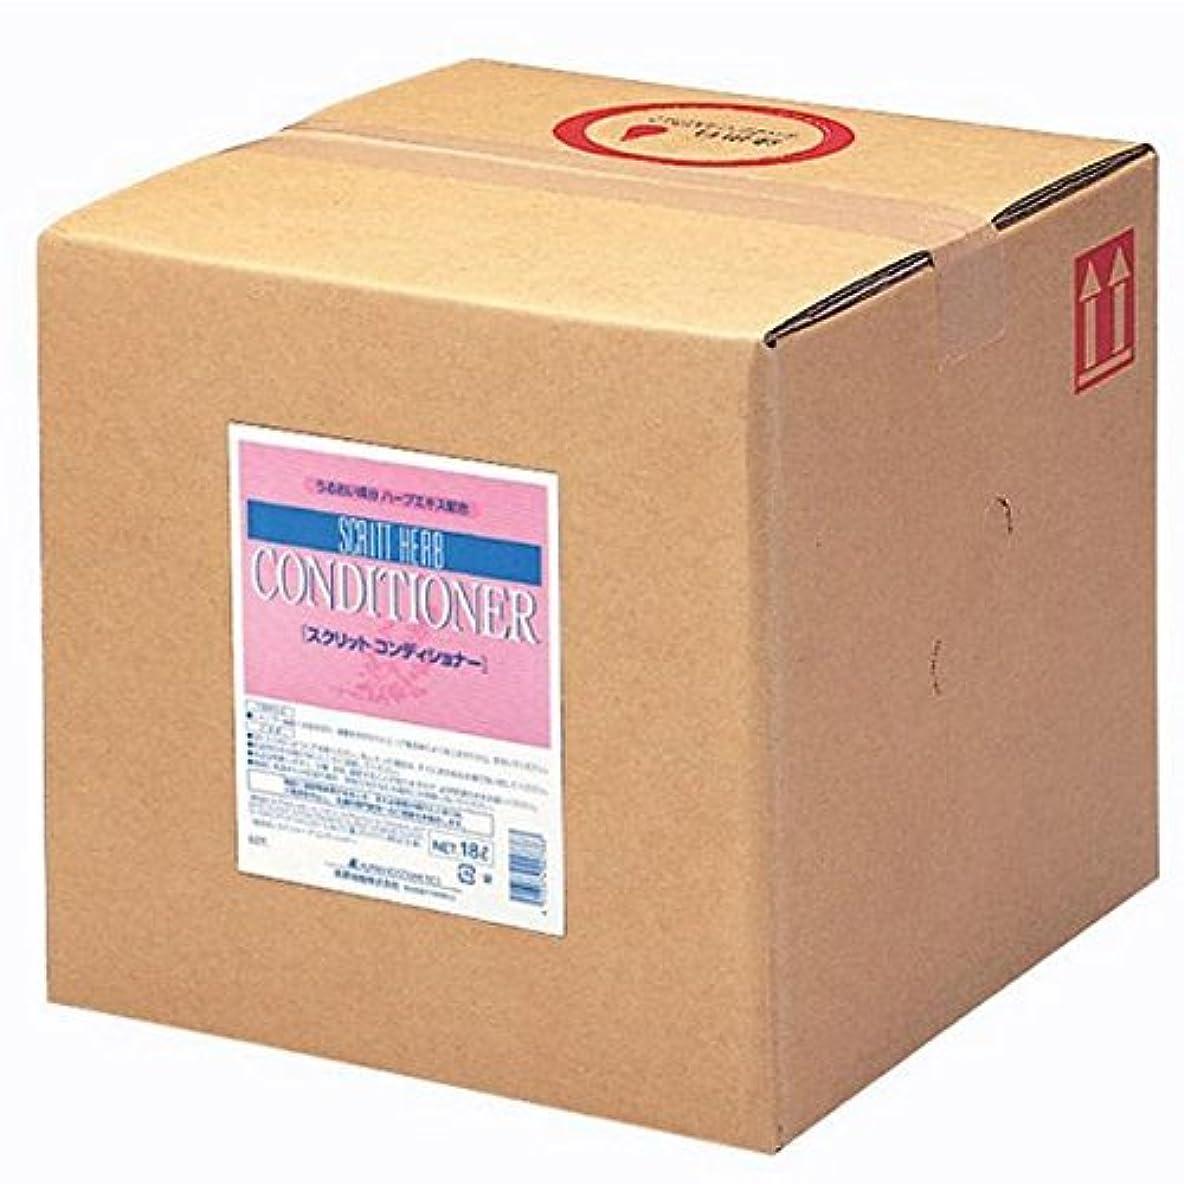 リハーサル画像ブレース熊野油脂 スクリット コンディショナー 詰替用 18L 4231